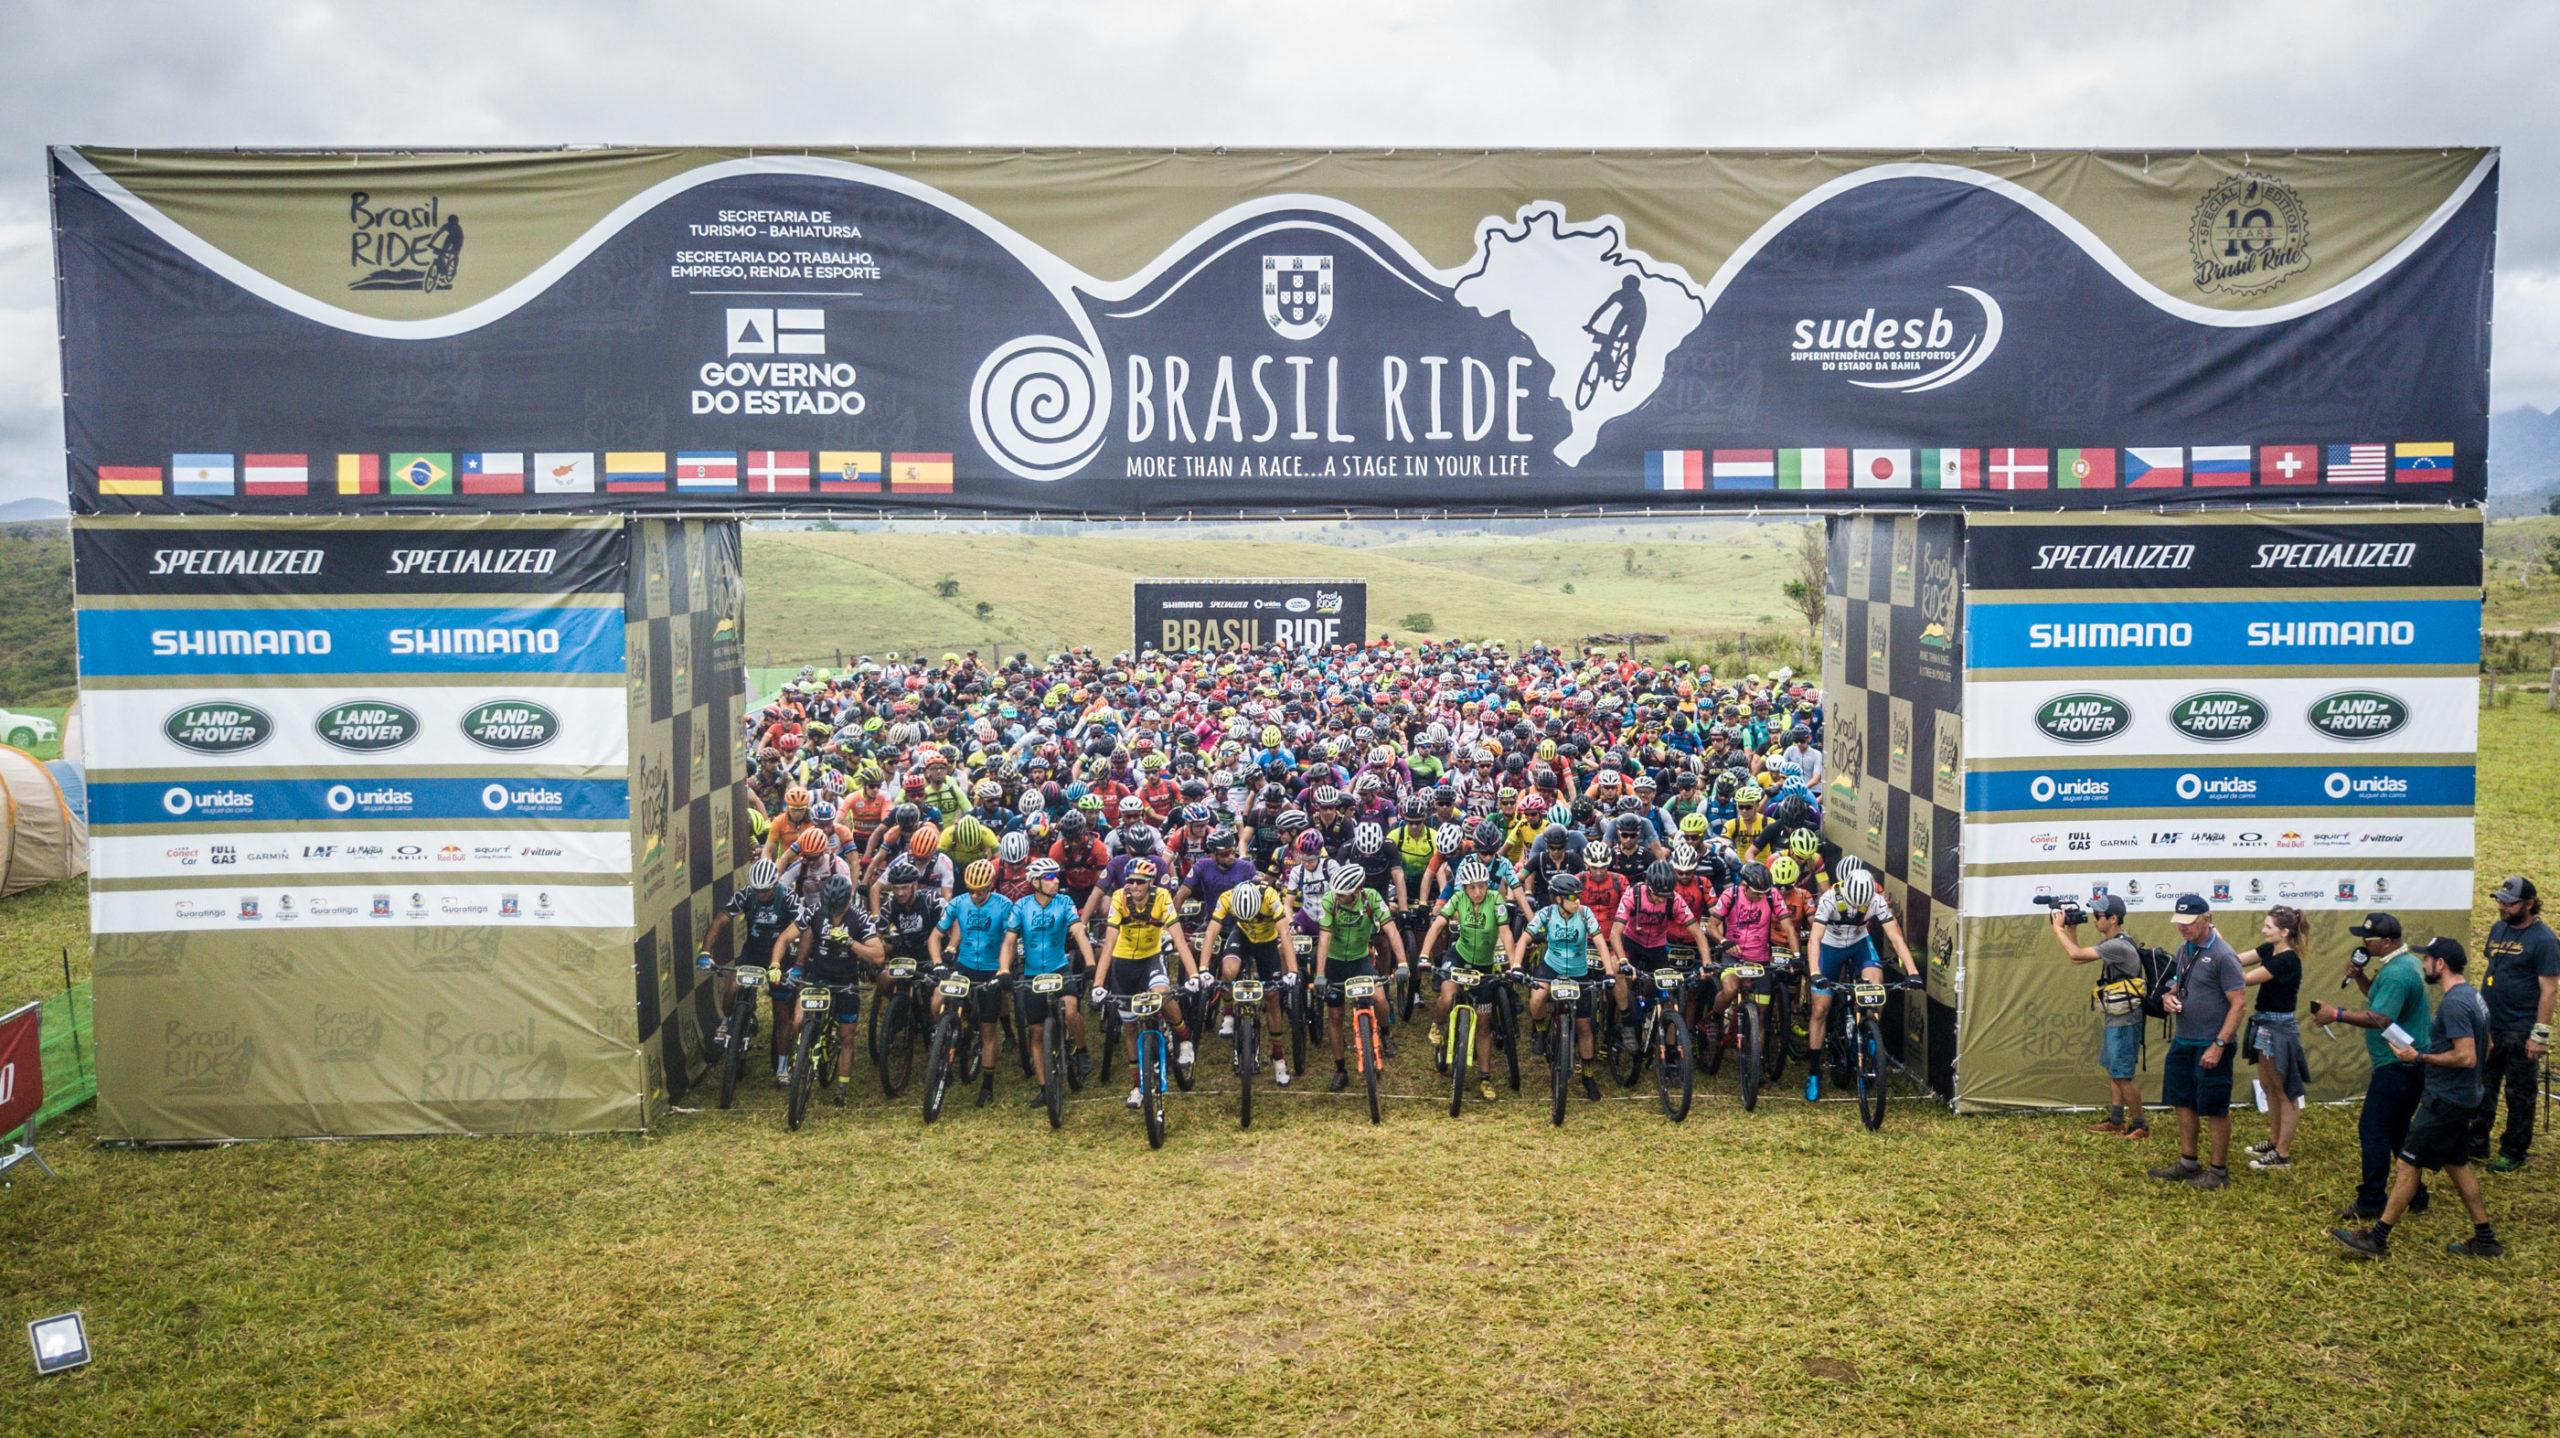 Elfde editie Brasil Ride uitgesteld tot oktober 2021